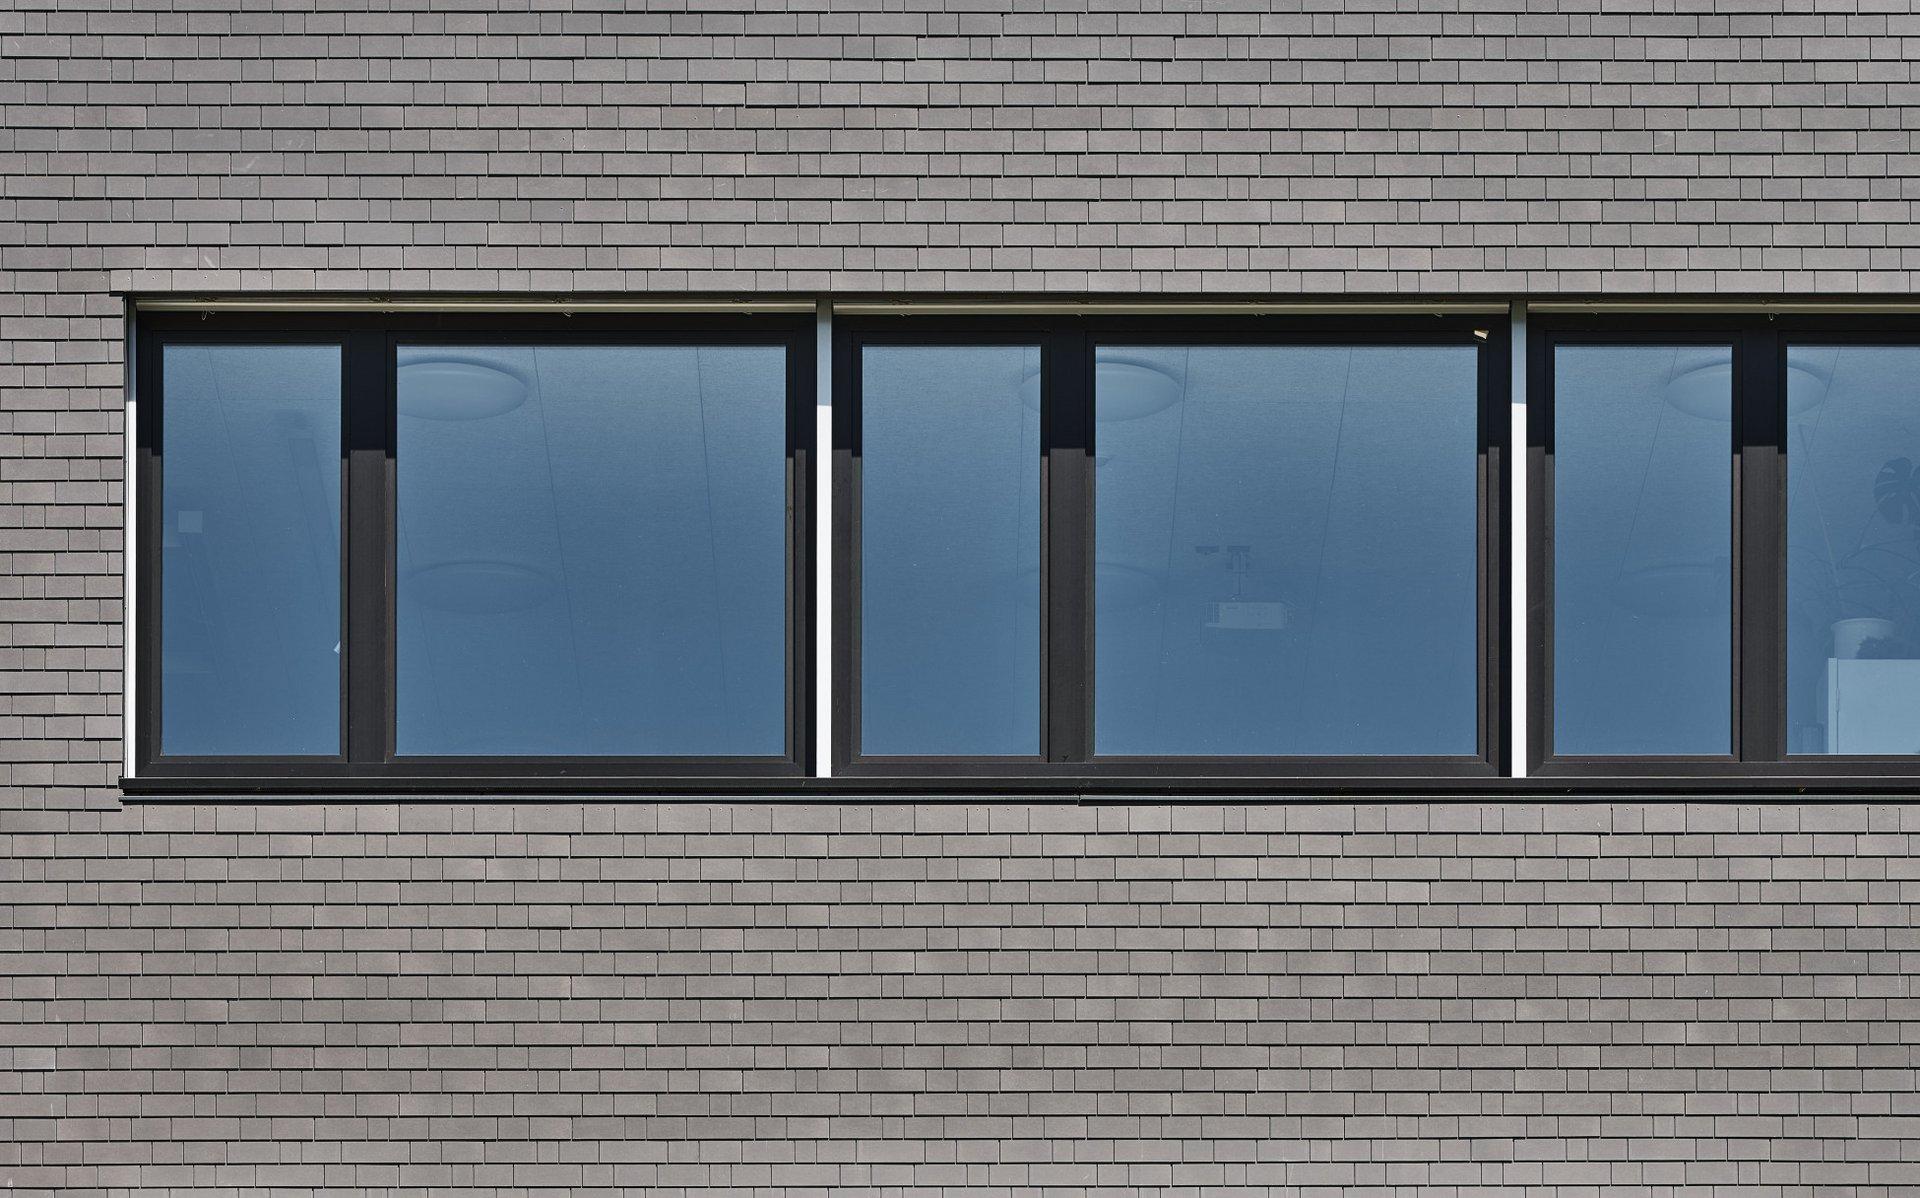 Blick auf einen Fassadenausschnitt mit blau schimmernden Fenstern welche über schwarze Rahmen verfügen